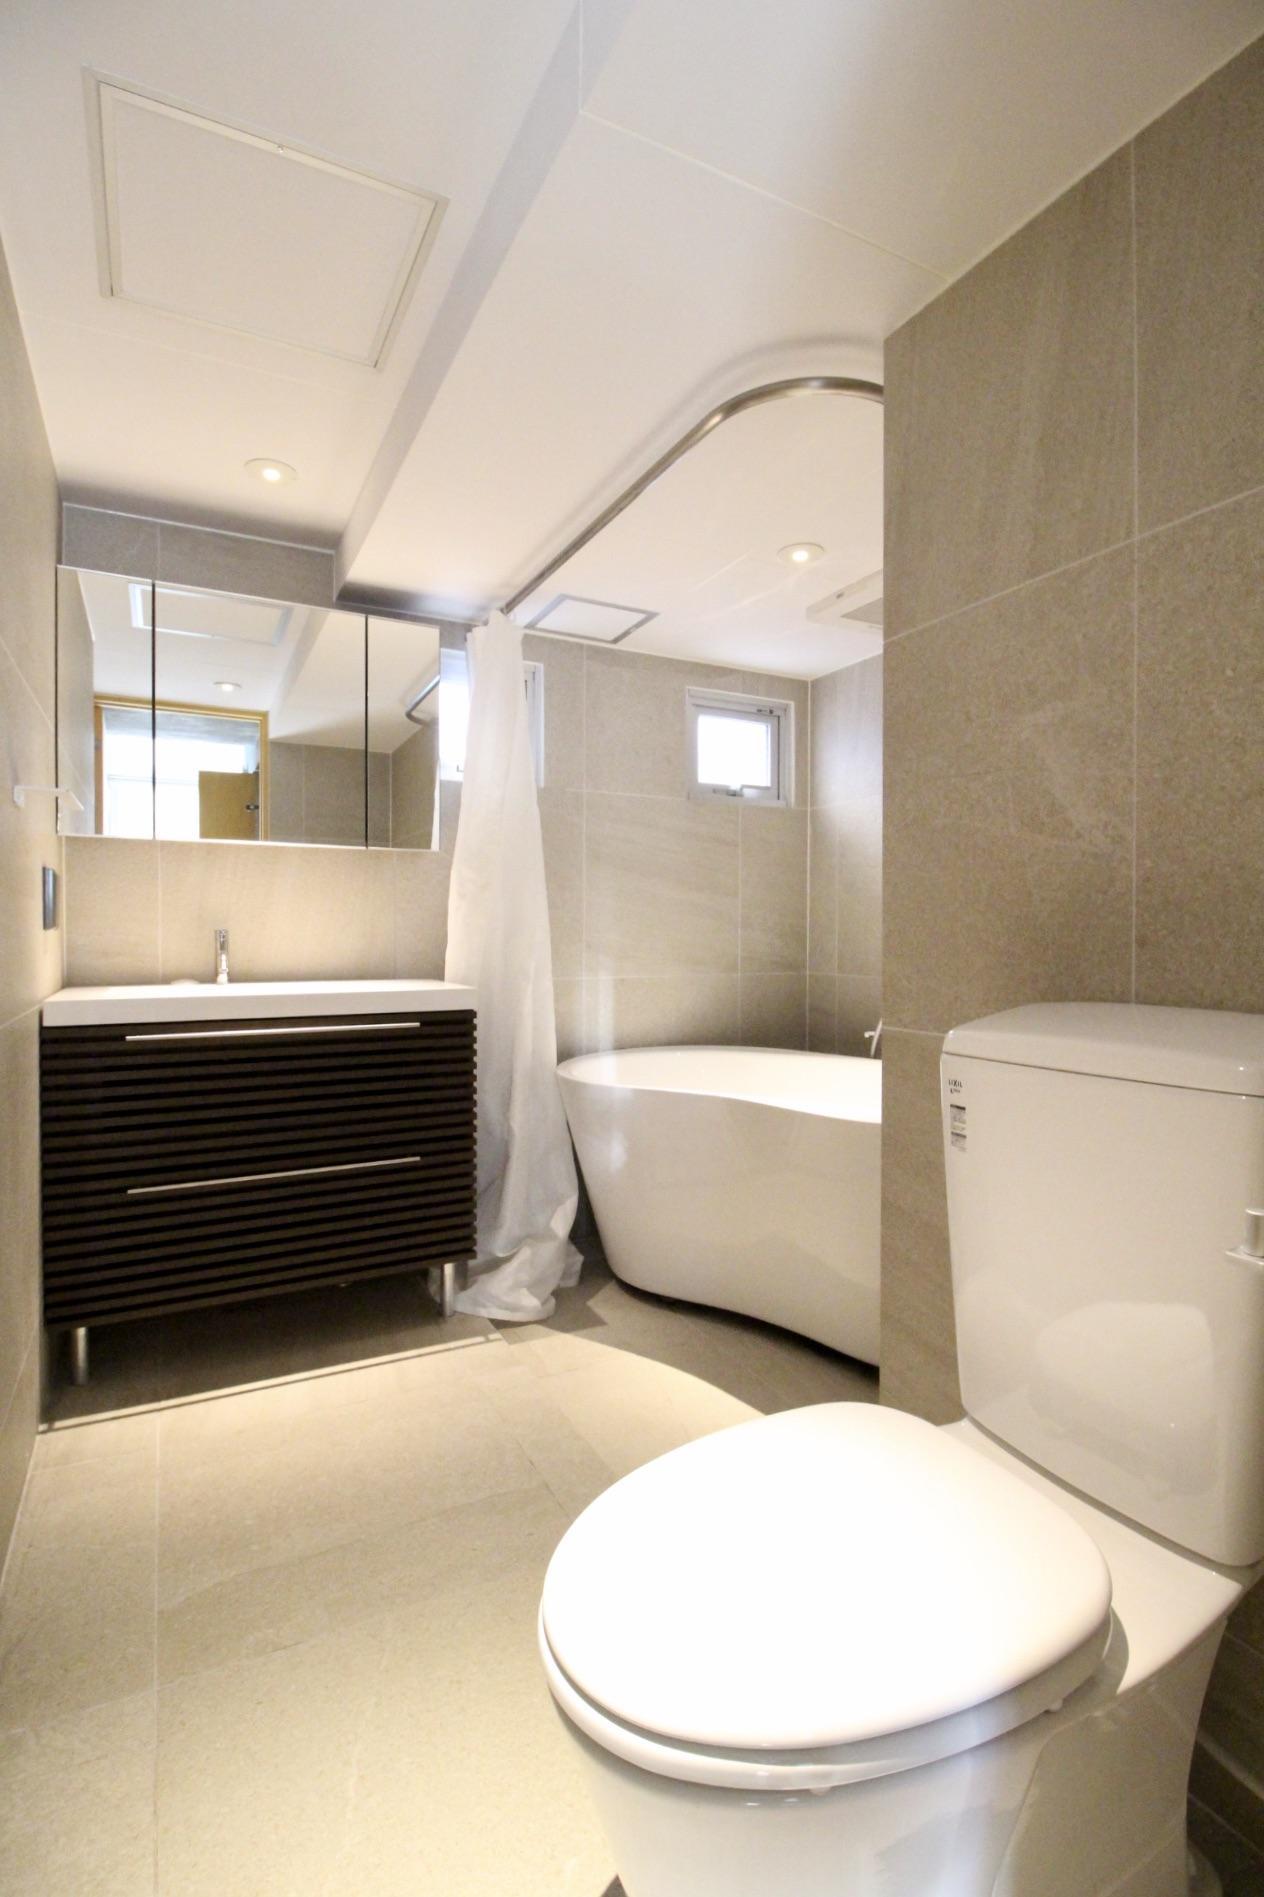 ホテルのような風呂・トイレ・洗面台(5F)